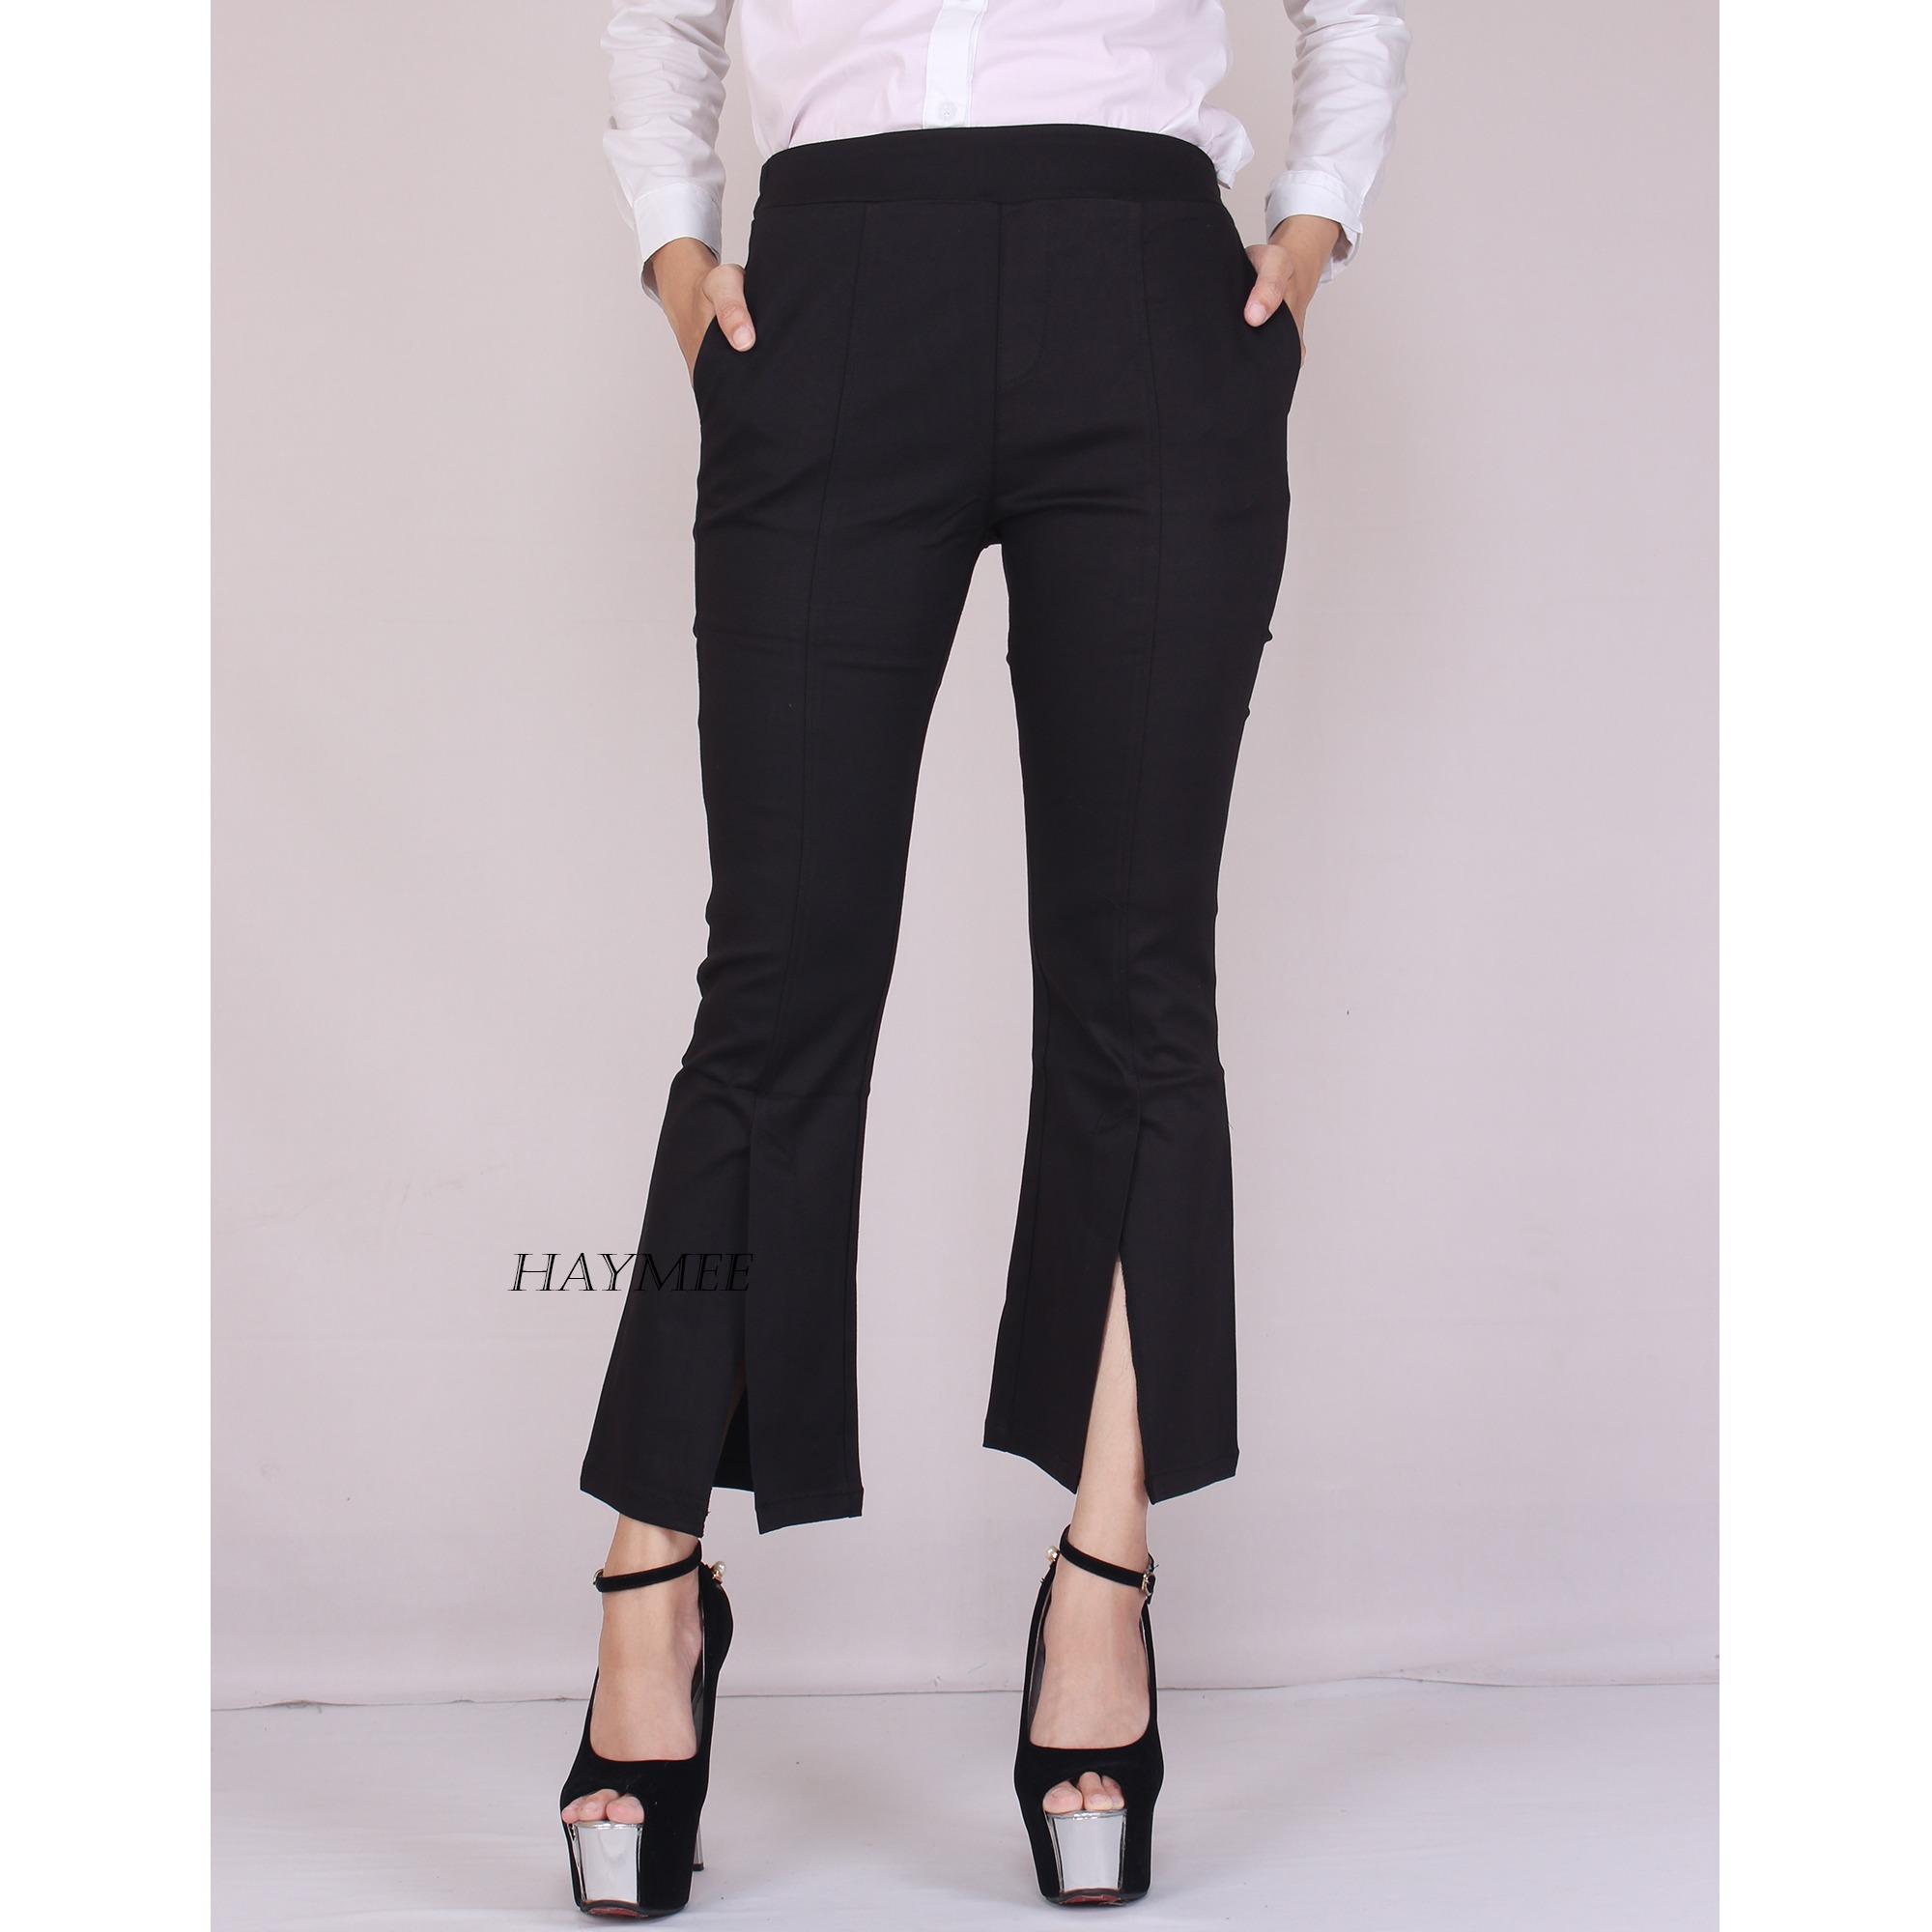 HaymeeStore Celana Cutbray Office Pants Katun Twill HQ lmport Bawahan Cutbray Wanita Celana Premium Cutbrai